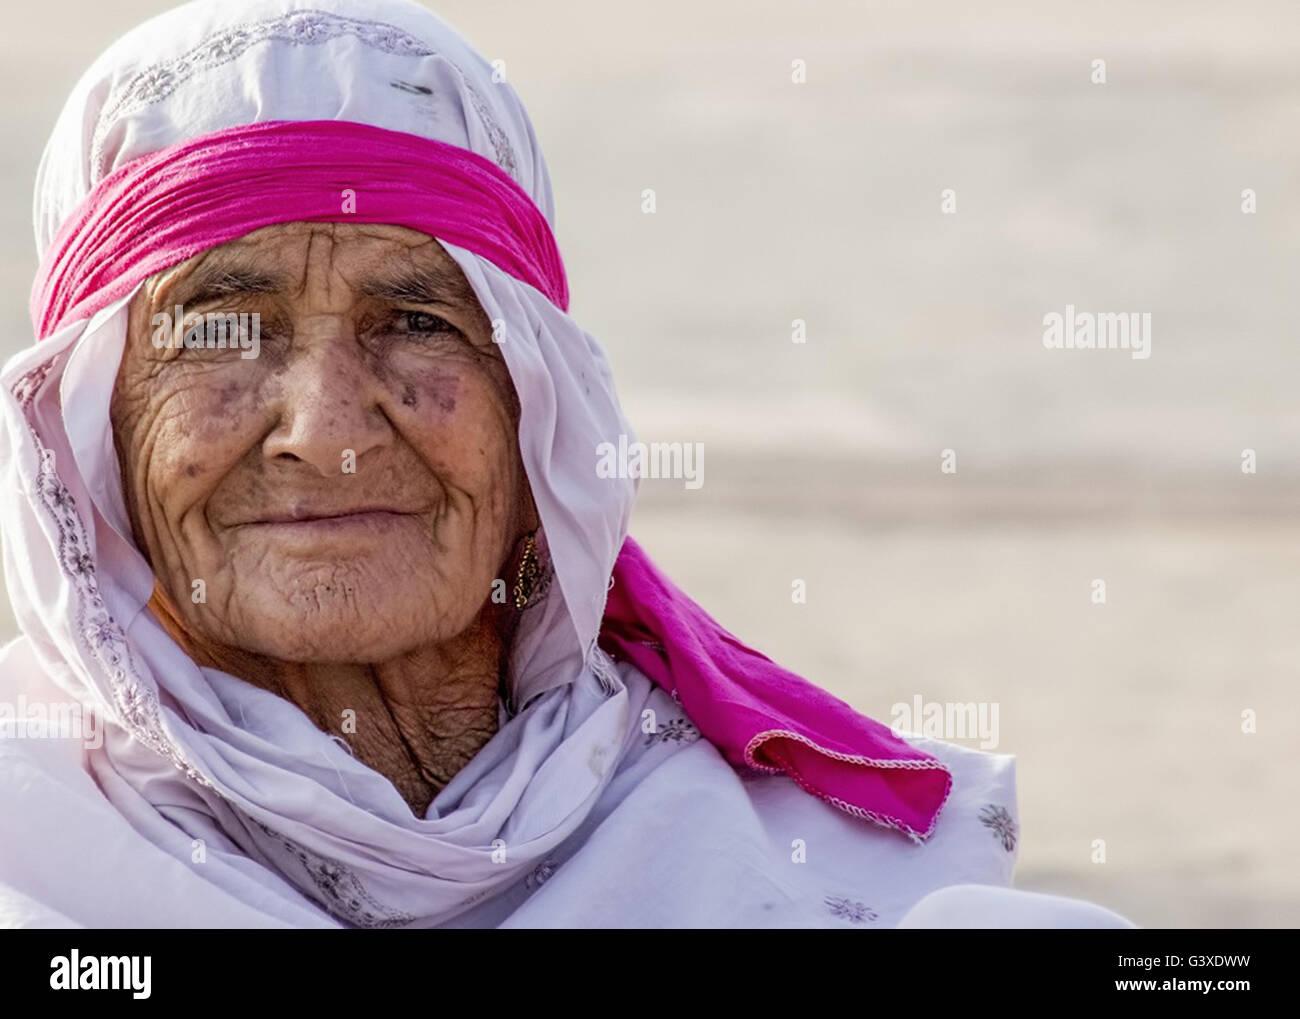 Ancianos árabe mujer vistiendo una túnica blanca y roja, bufanda, banda de cabeza. Foto de stock